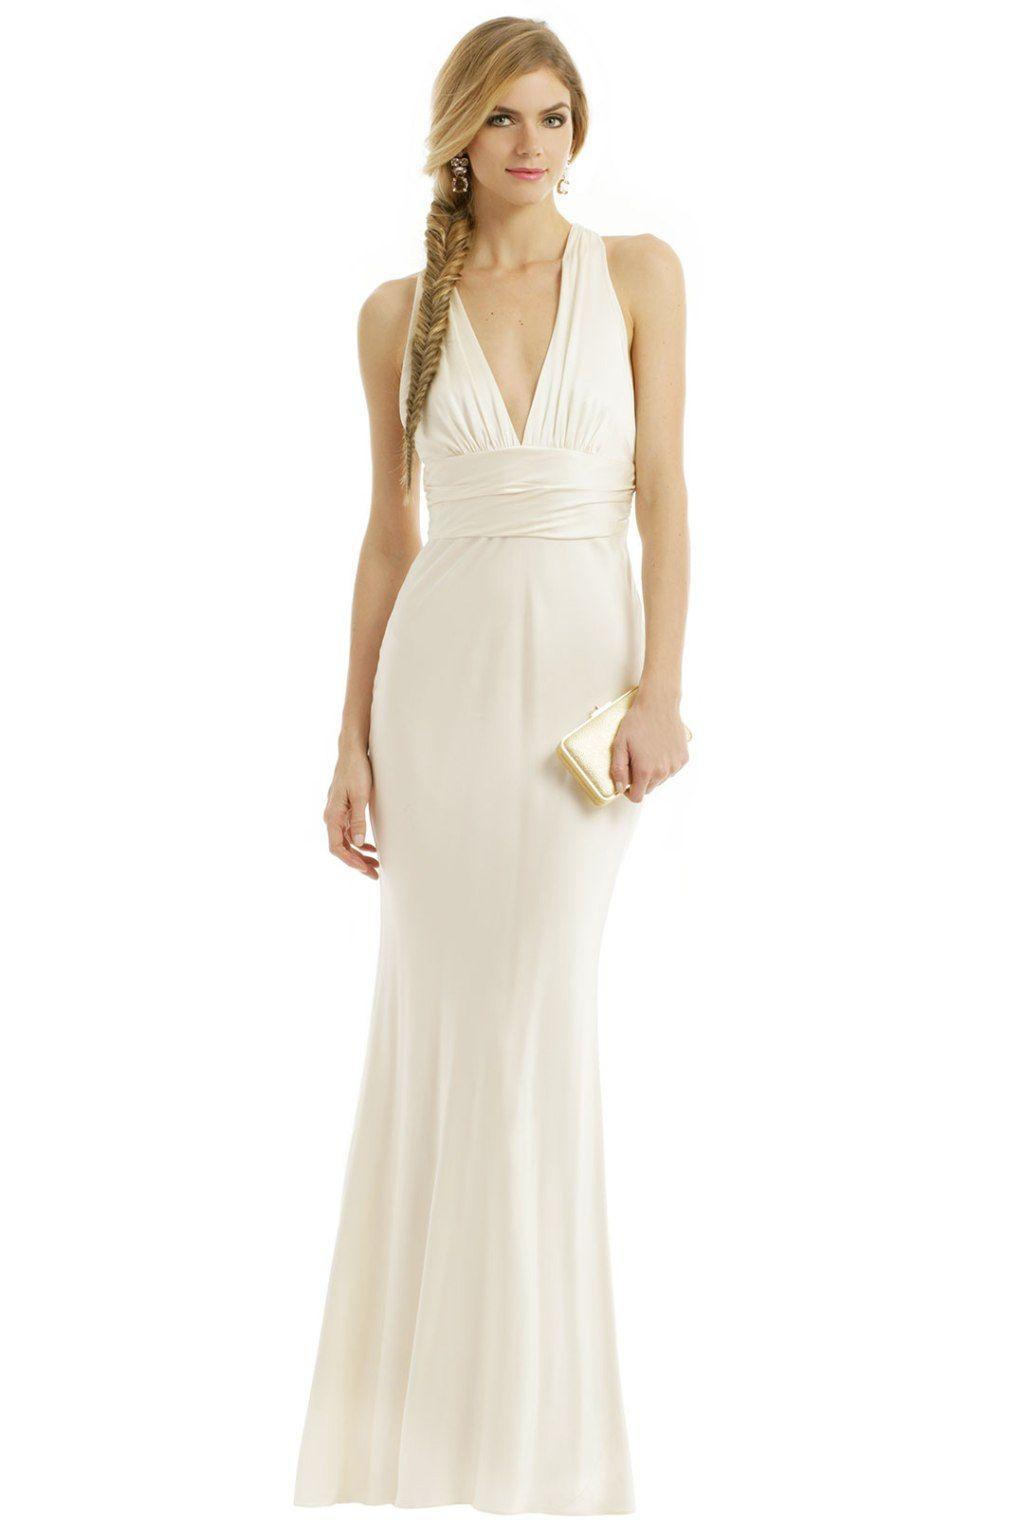 55+ Rent the Runway Wedding Dress - Cold Shoulder Dresses for ...